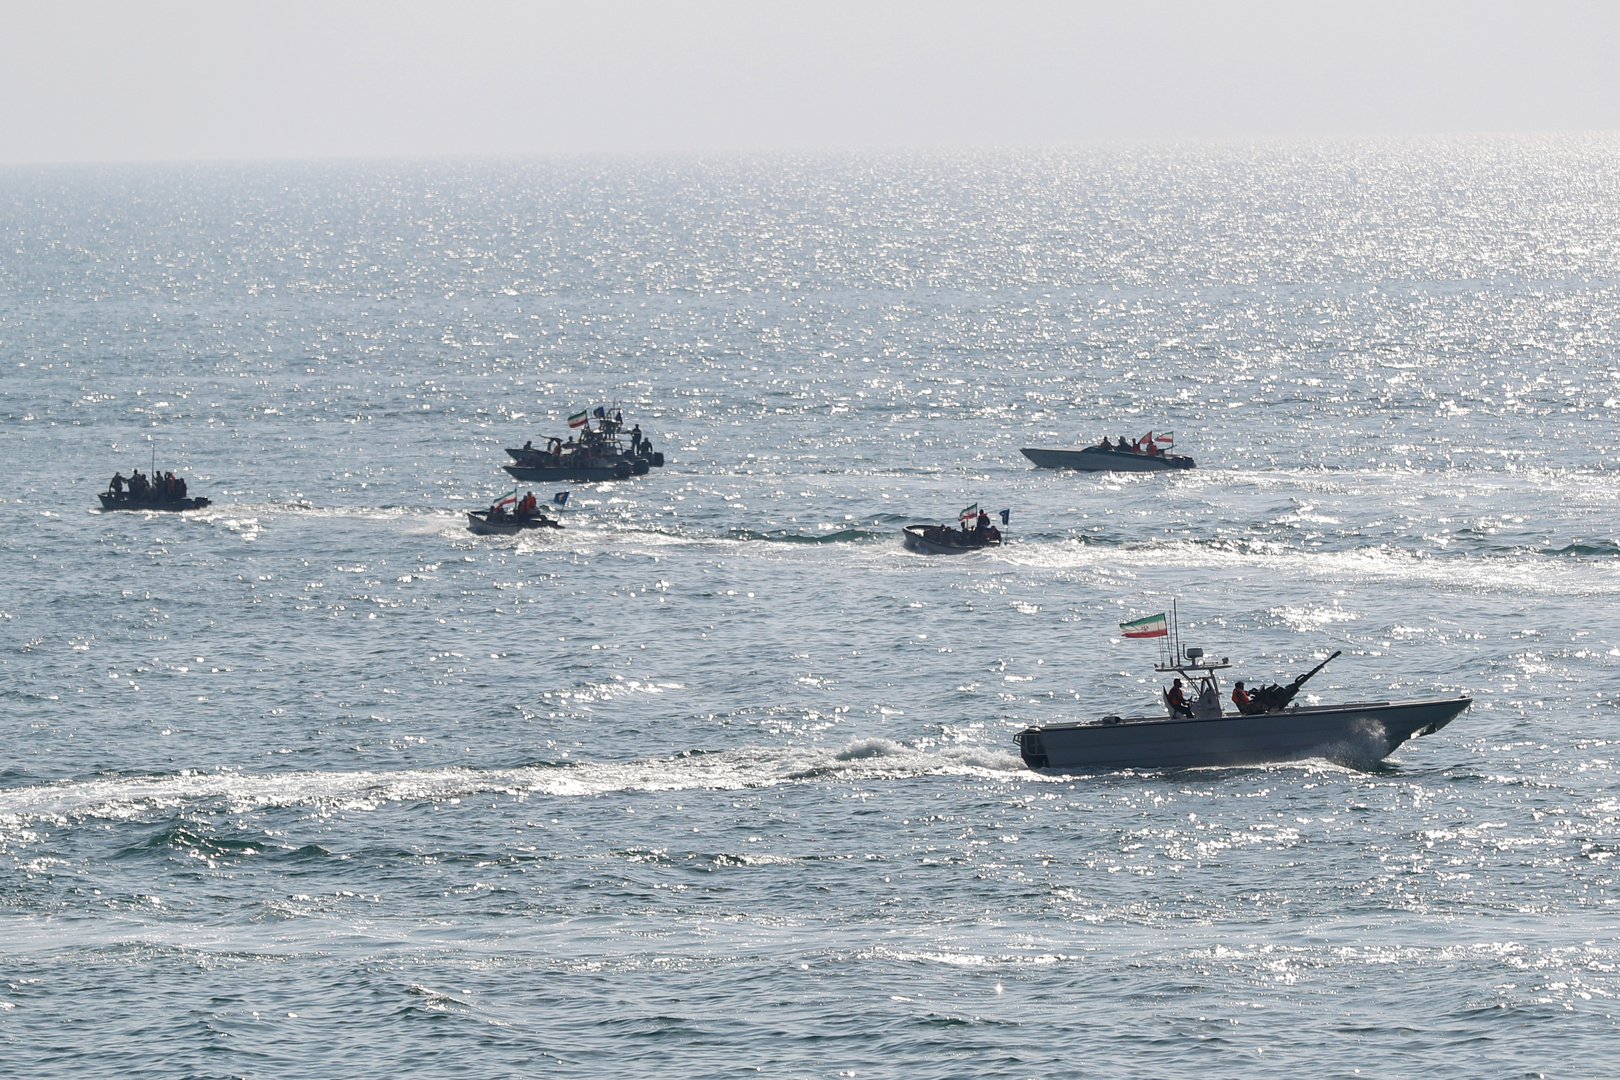 زوارق حربية للقوات البحرية الإيرانية